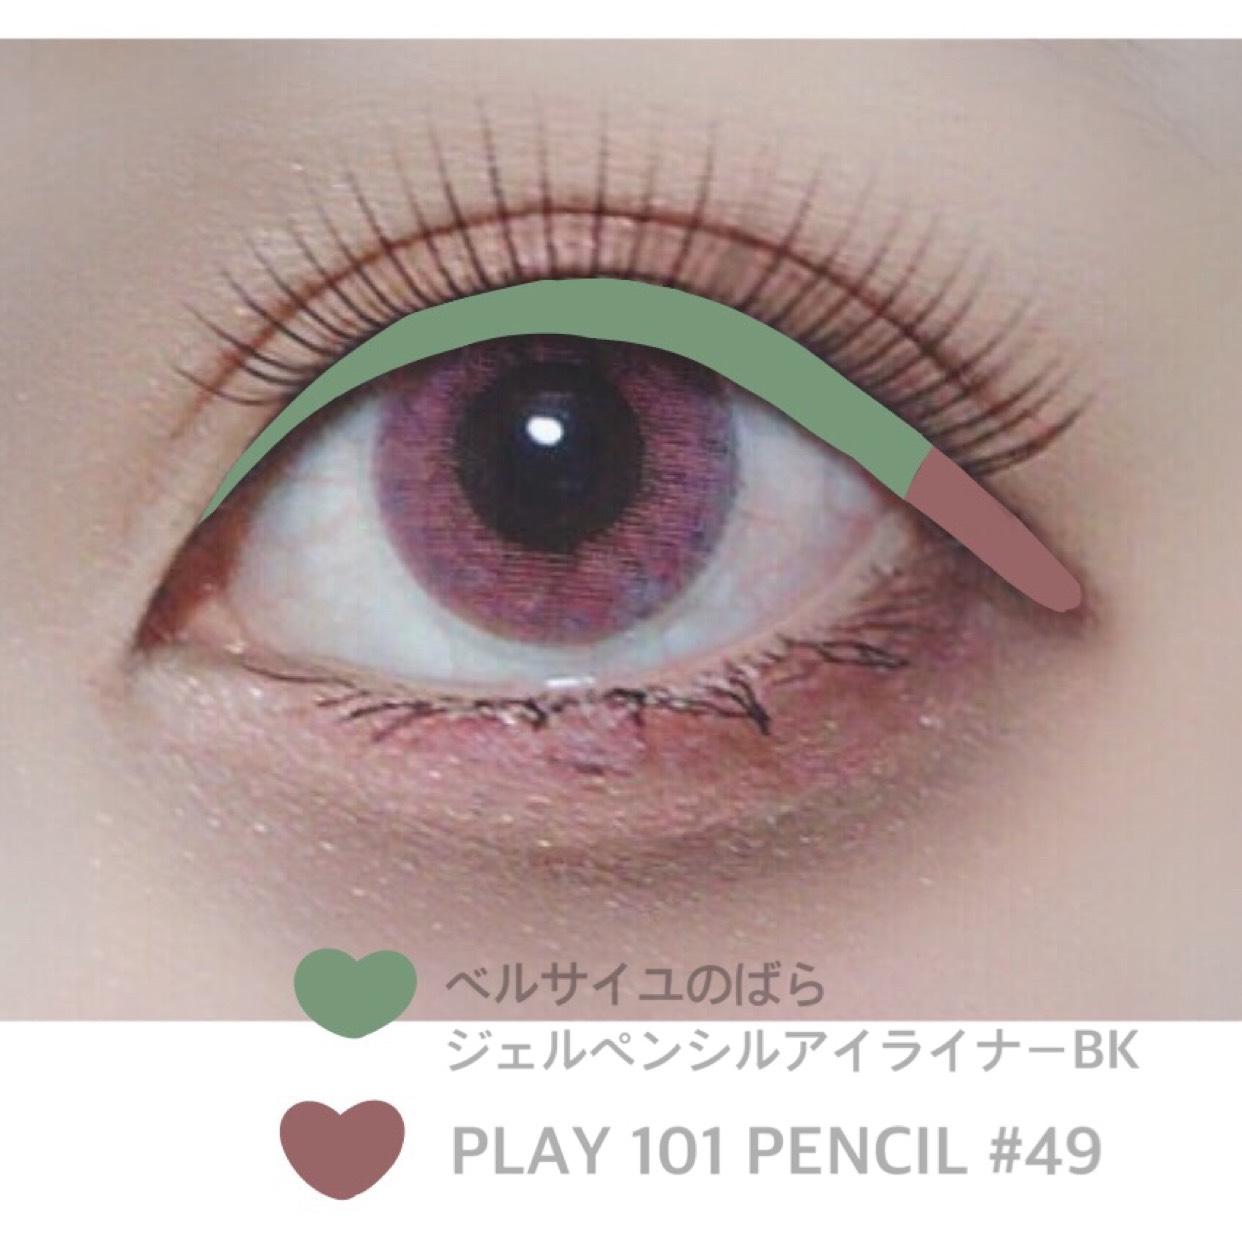 目頭から目尻出ないところまではブラックで、目尻はみ出るところはブラウンでふんわり(影っぽく?)描きます。